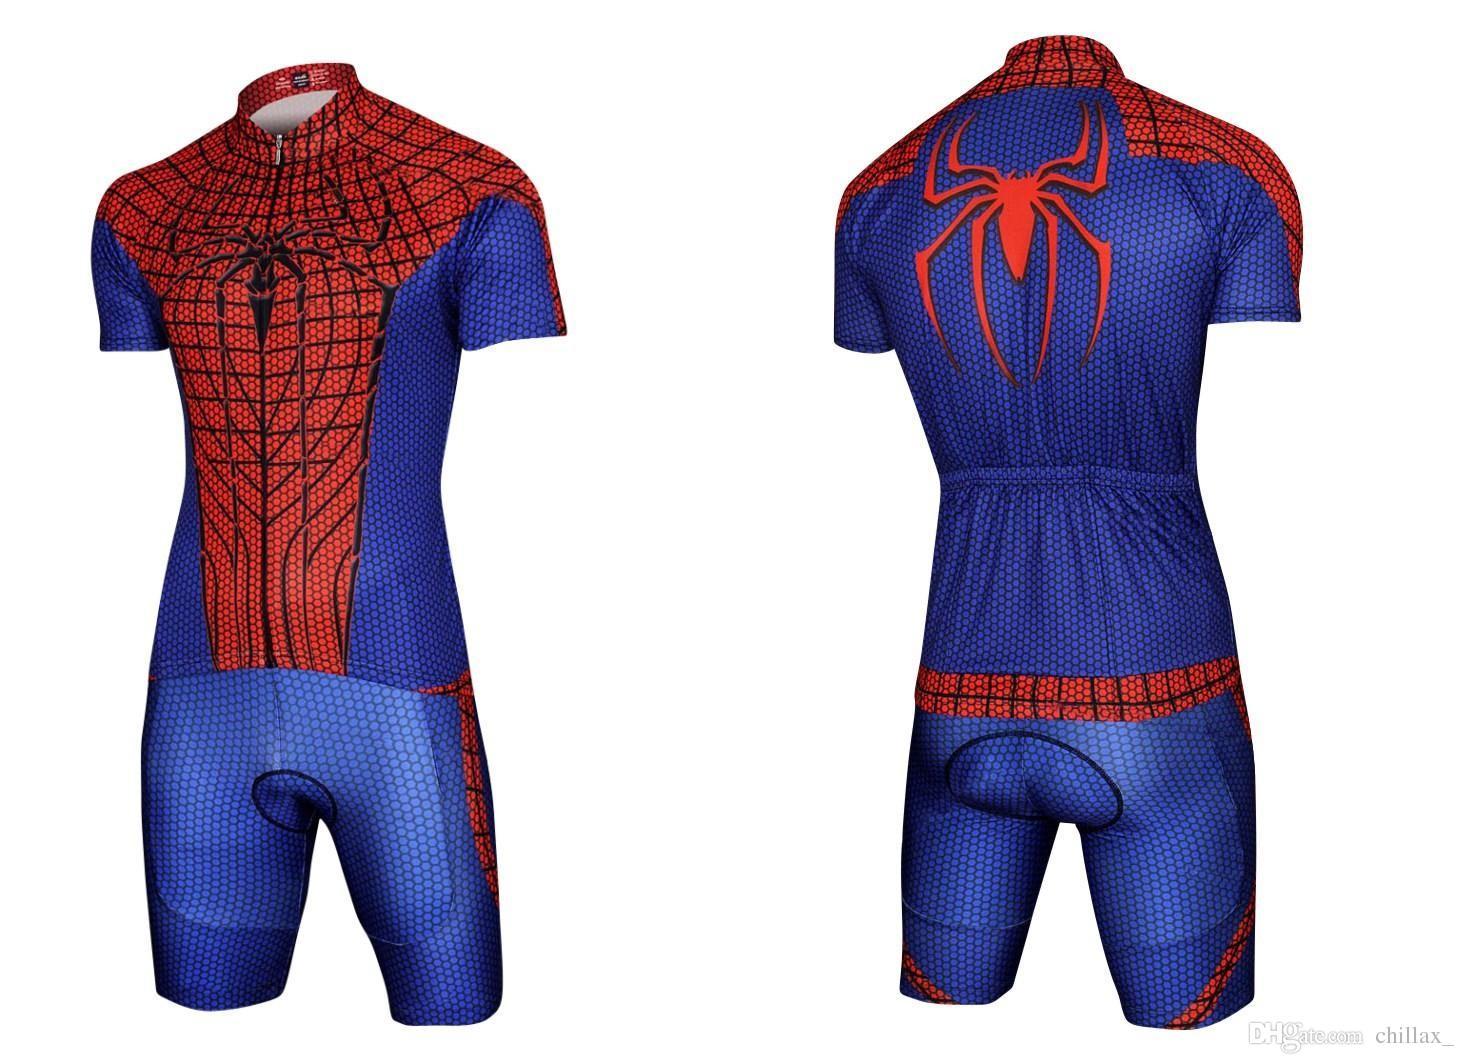 Maglia da ciclismo uomo all'ingrosso imposta abiti da bici economici l'estate Batman Superman Iron Man Spider-man Capitan America Bicicletta Tuta da bicicletta